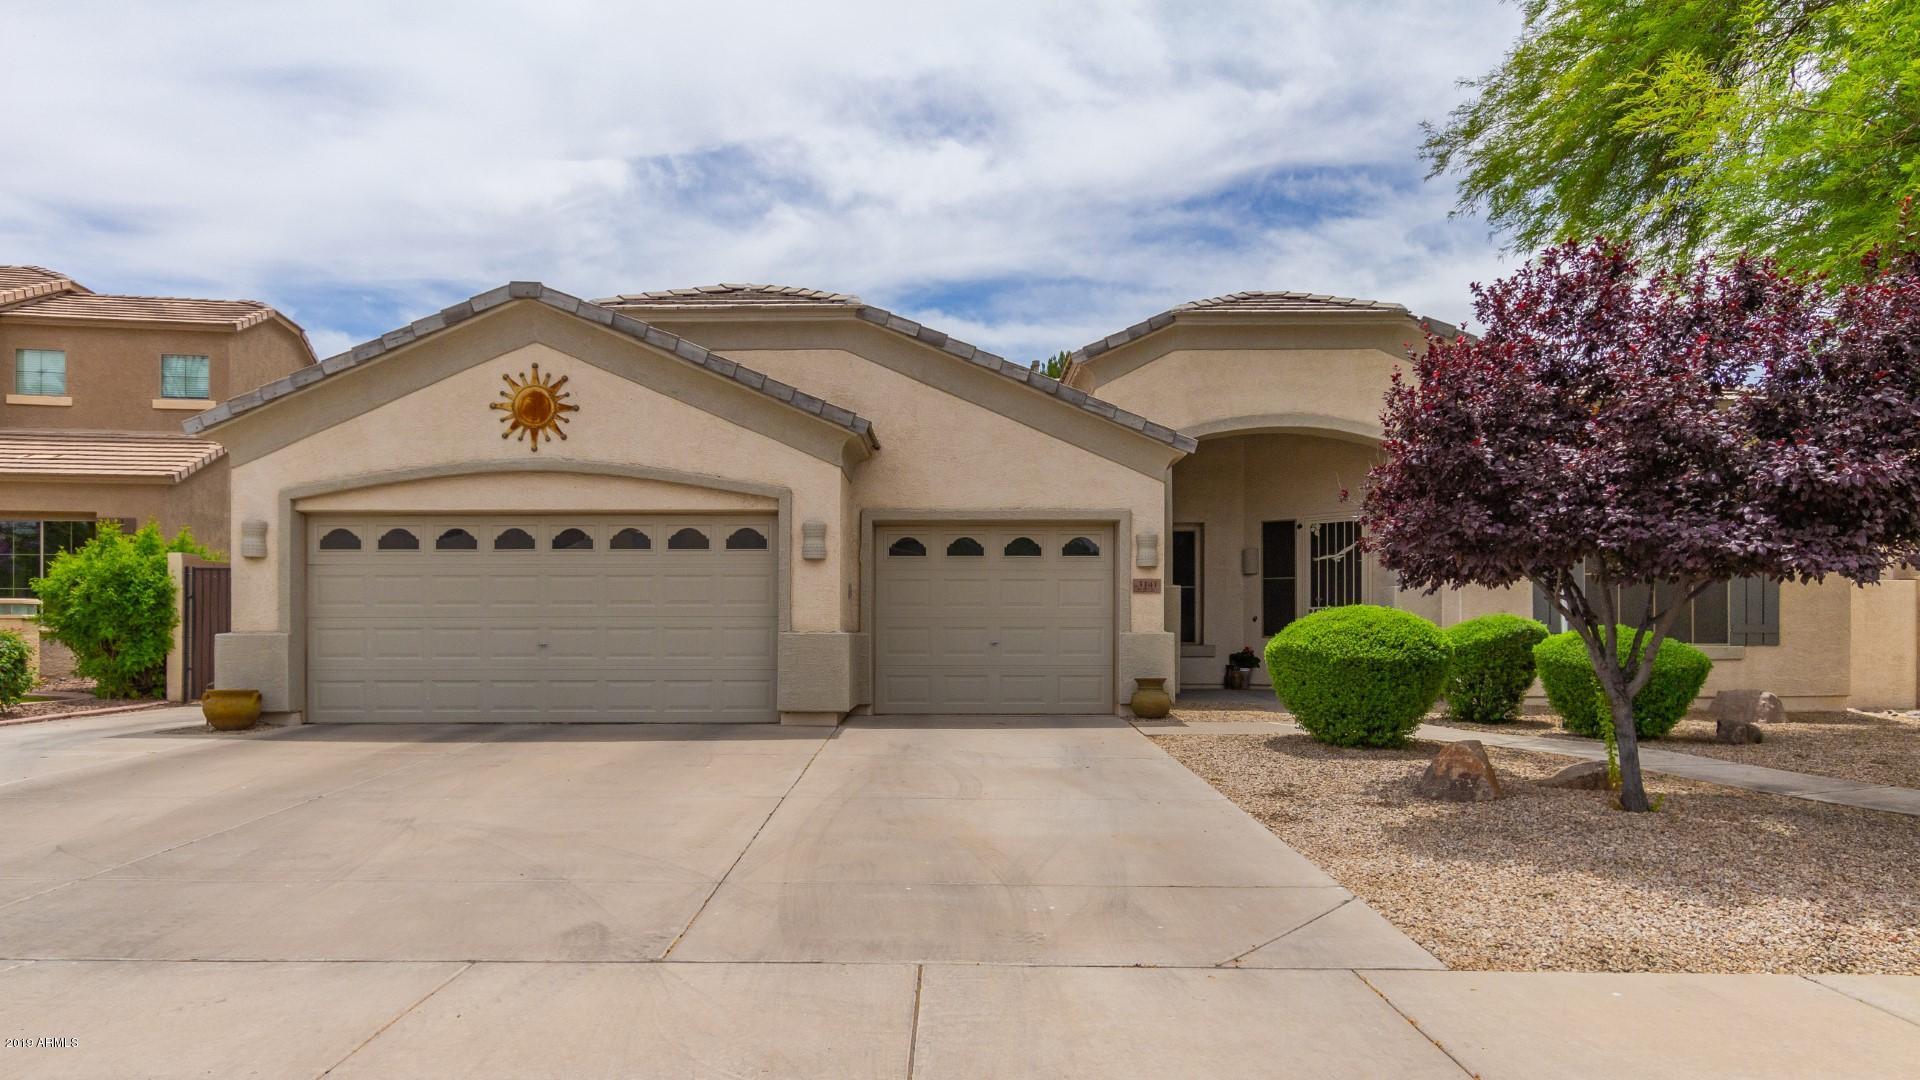 Photo of 3141 E HAMPTON Lane, Gilbert, AZ 85295